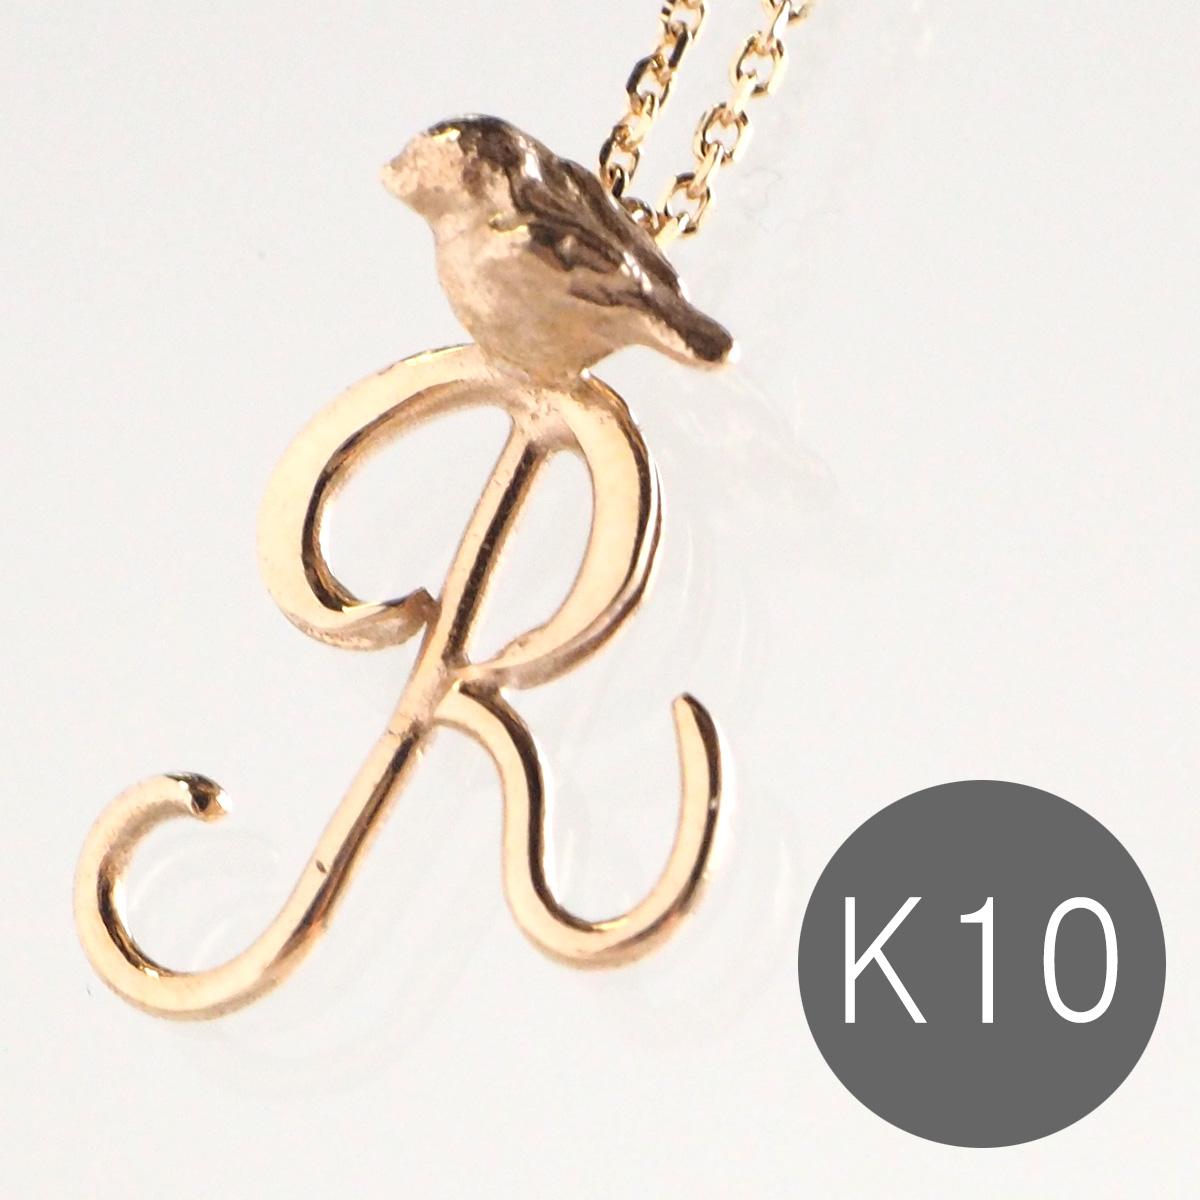 """DECOvienya(デコヴィーニャ) 手作りアクセサリー 10Kゴールド イニシャルネックレス """"R"""" ルリビタキ 強い意志 [DE-10K-R] ハンドメイド イニシャル R 鳥 bird メッセージ 鳥言葉 お守り 華奢 シンプル 10金 日本製 国産"""